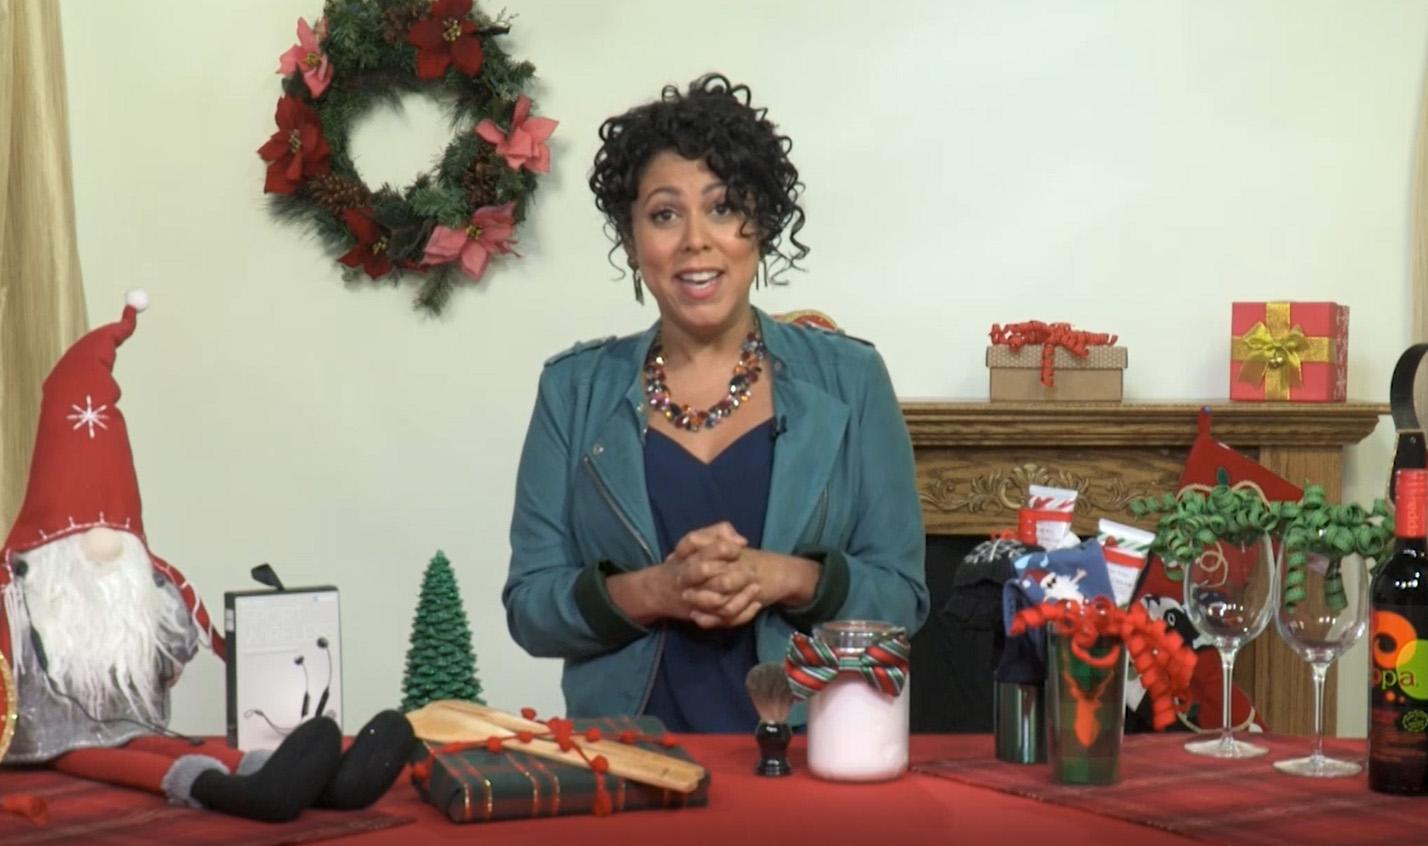 Consejos de Evette para regalos navideños